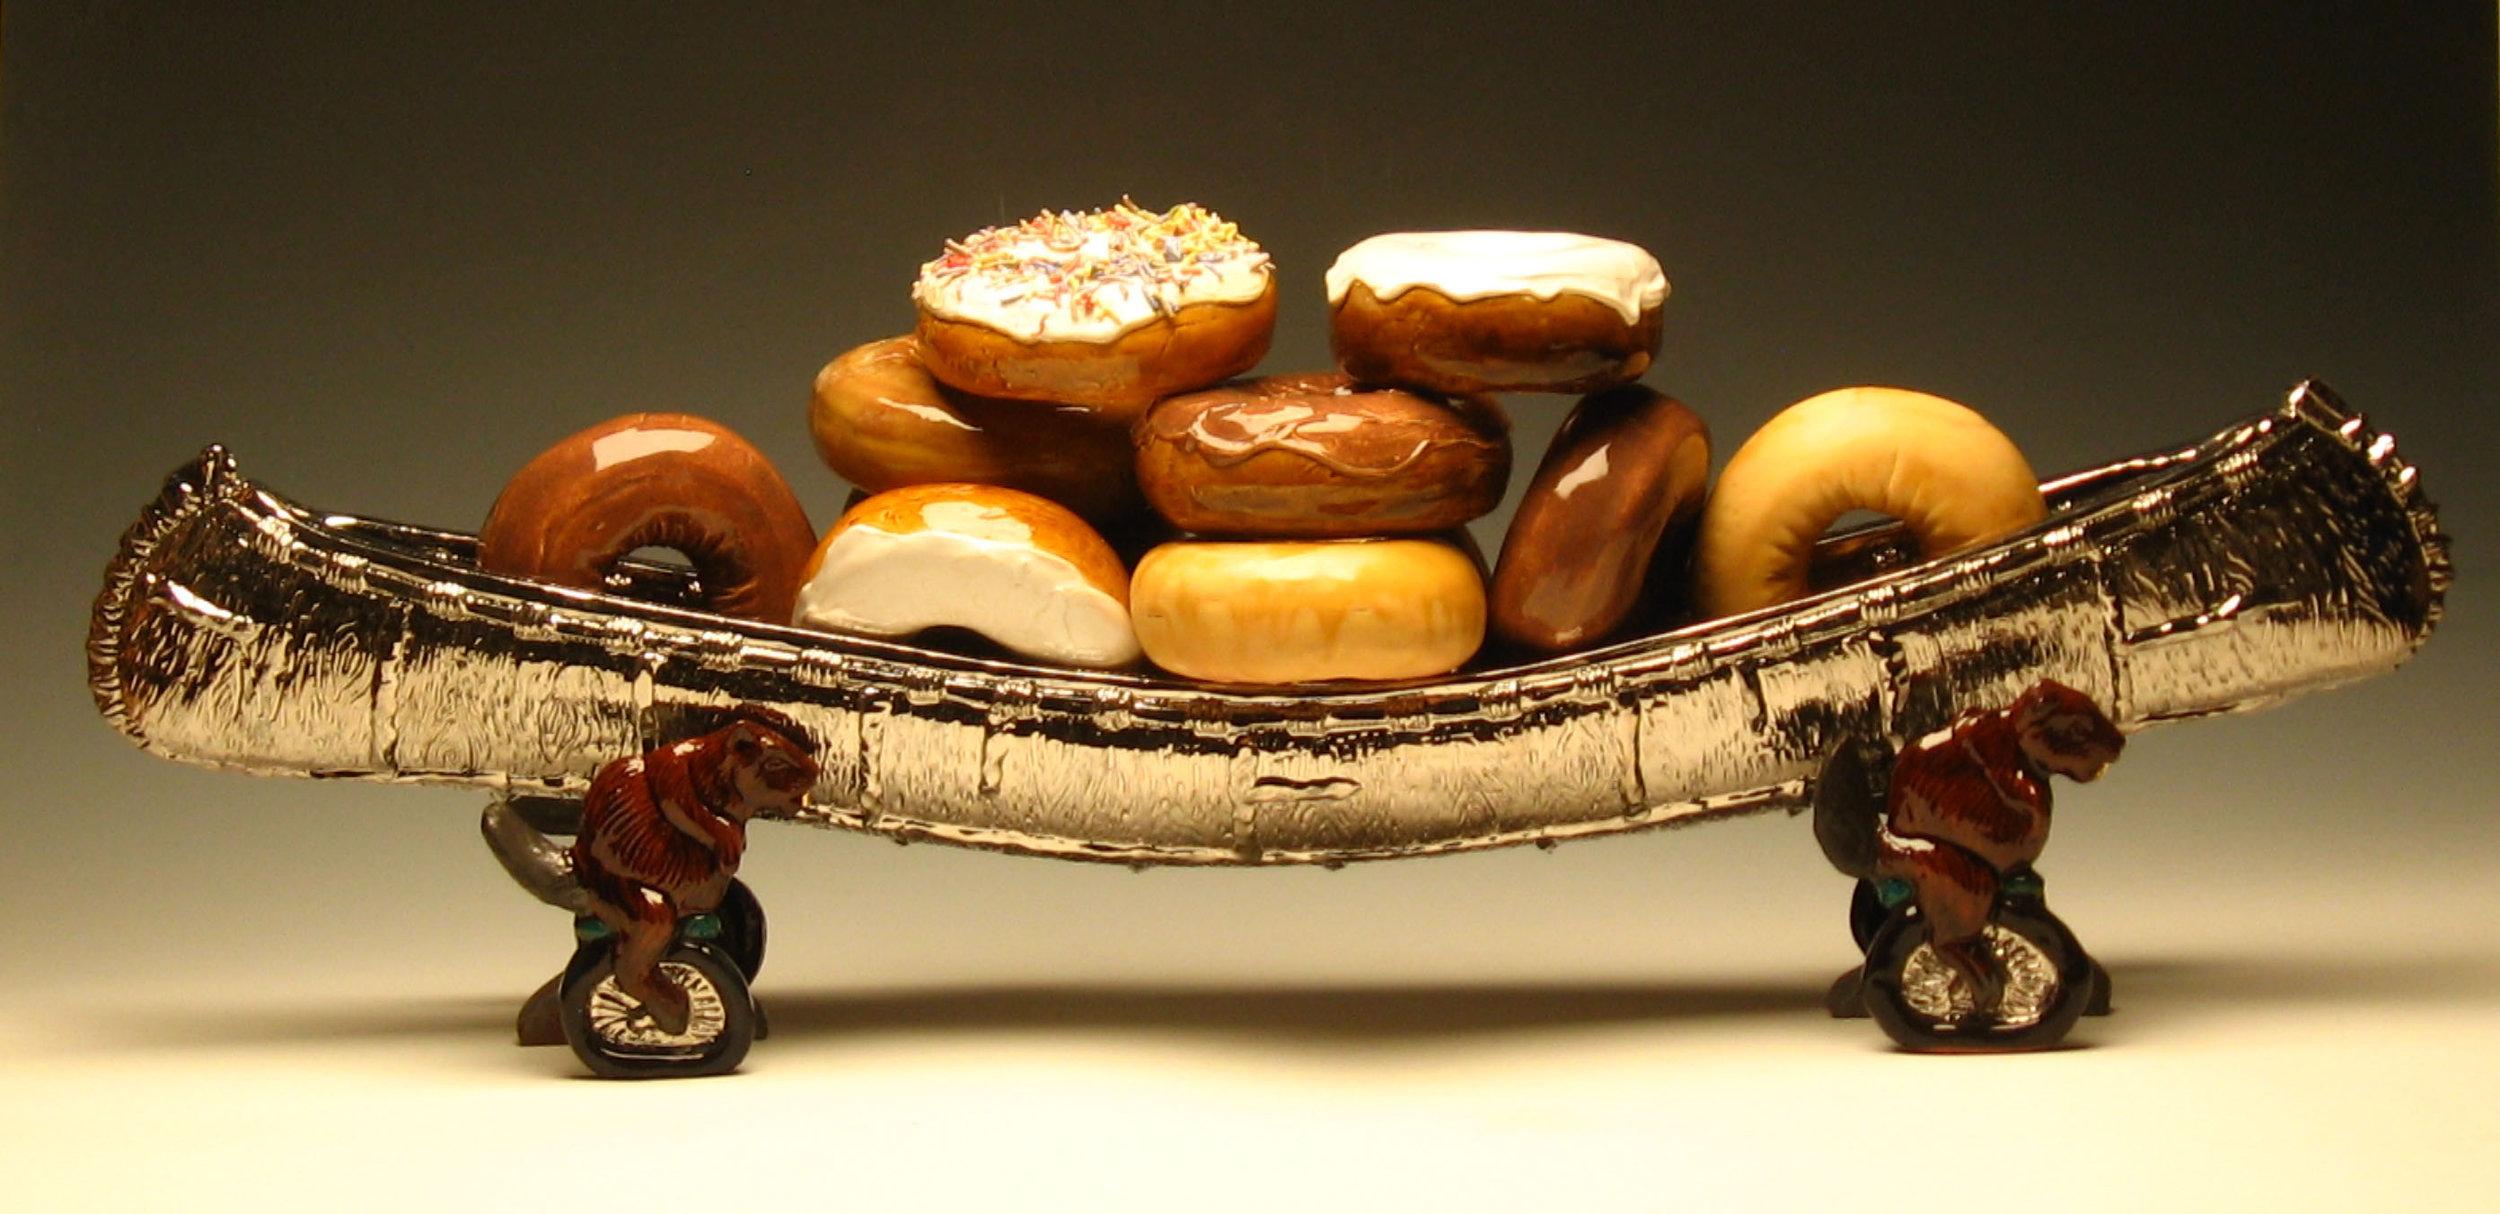 cropped donut canoe 300ppi.jpg